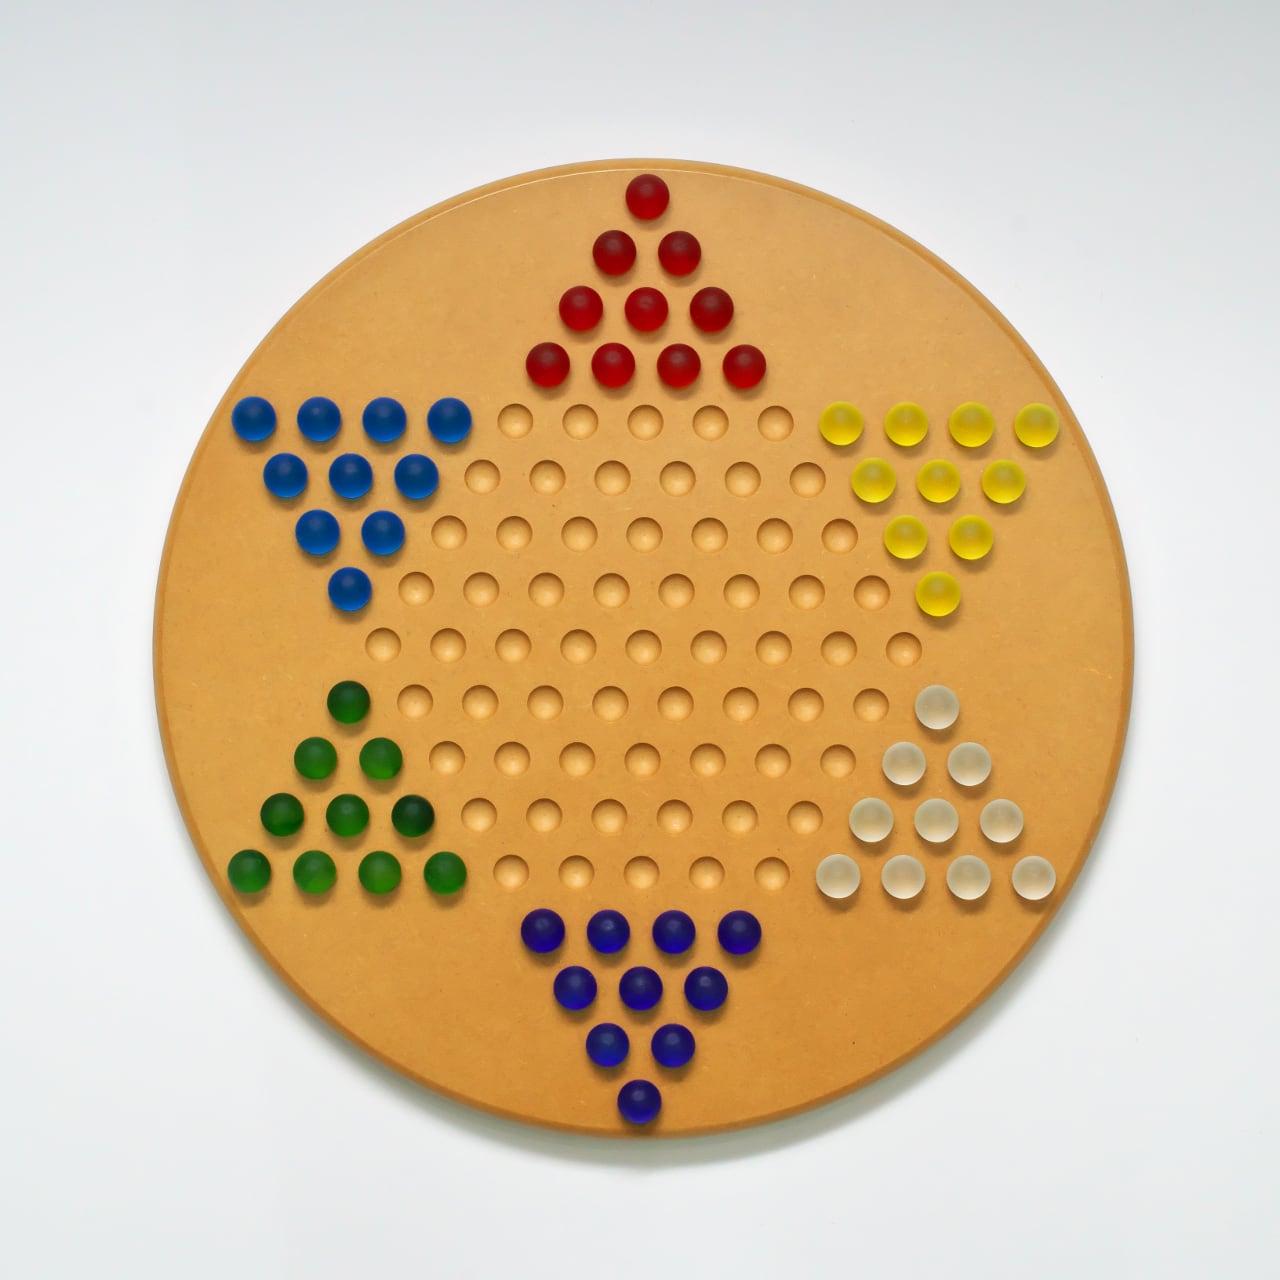 マーブル・チャイニーズチェッカーズ(ダイヤモンドゲーム)